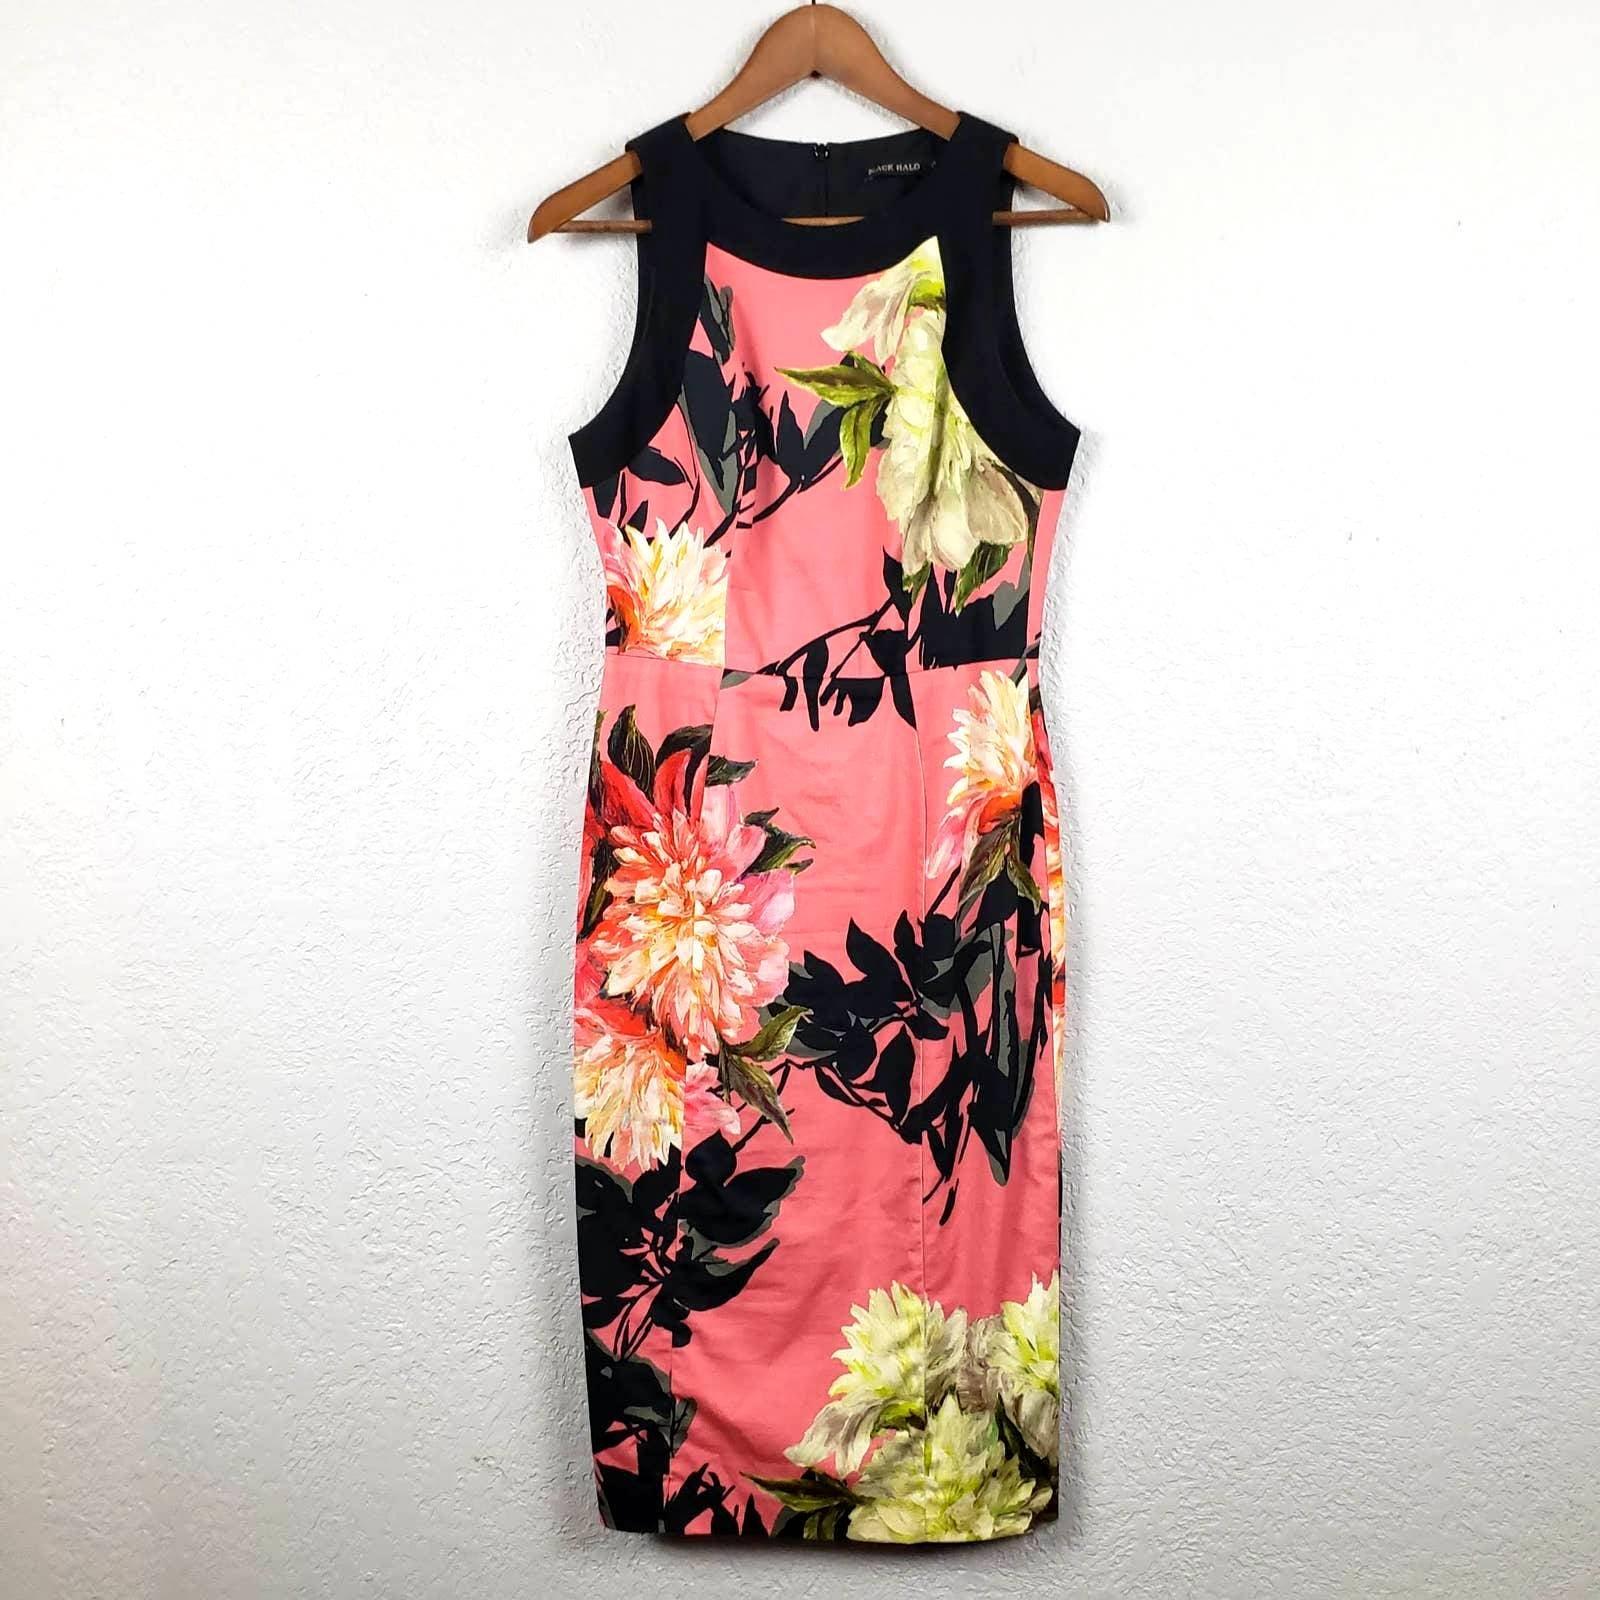 Black Halo Floral Halter Dress - 4